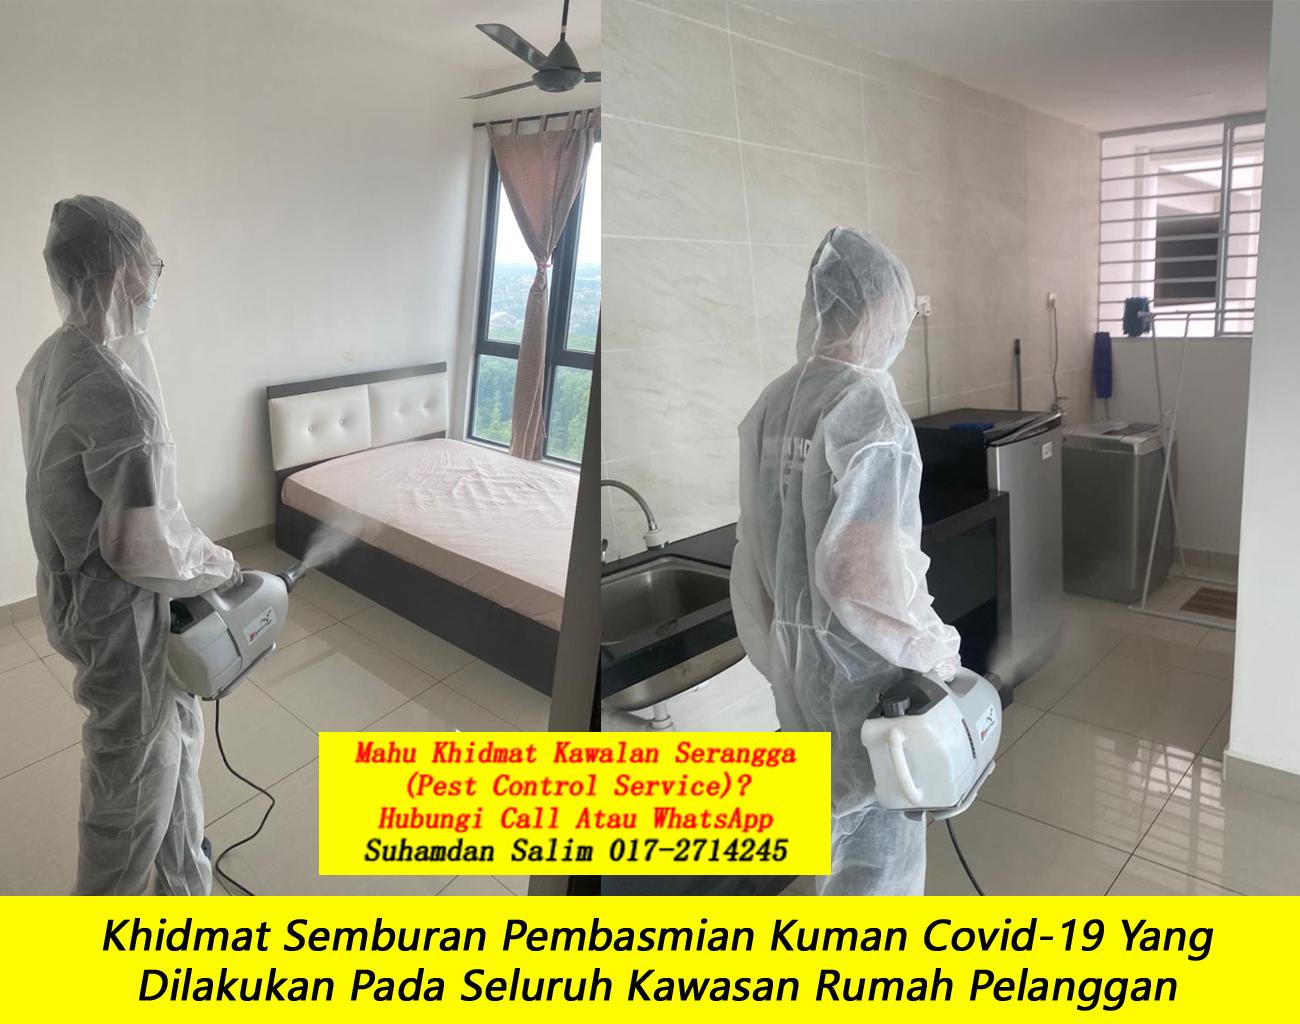 khidmat sanitizing membasmi kuman Covid-19 Disinfection Service semburan sanitize covid 19 paling berkesan dengan harga berpatutan the best service covid-19 segambut kl felda